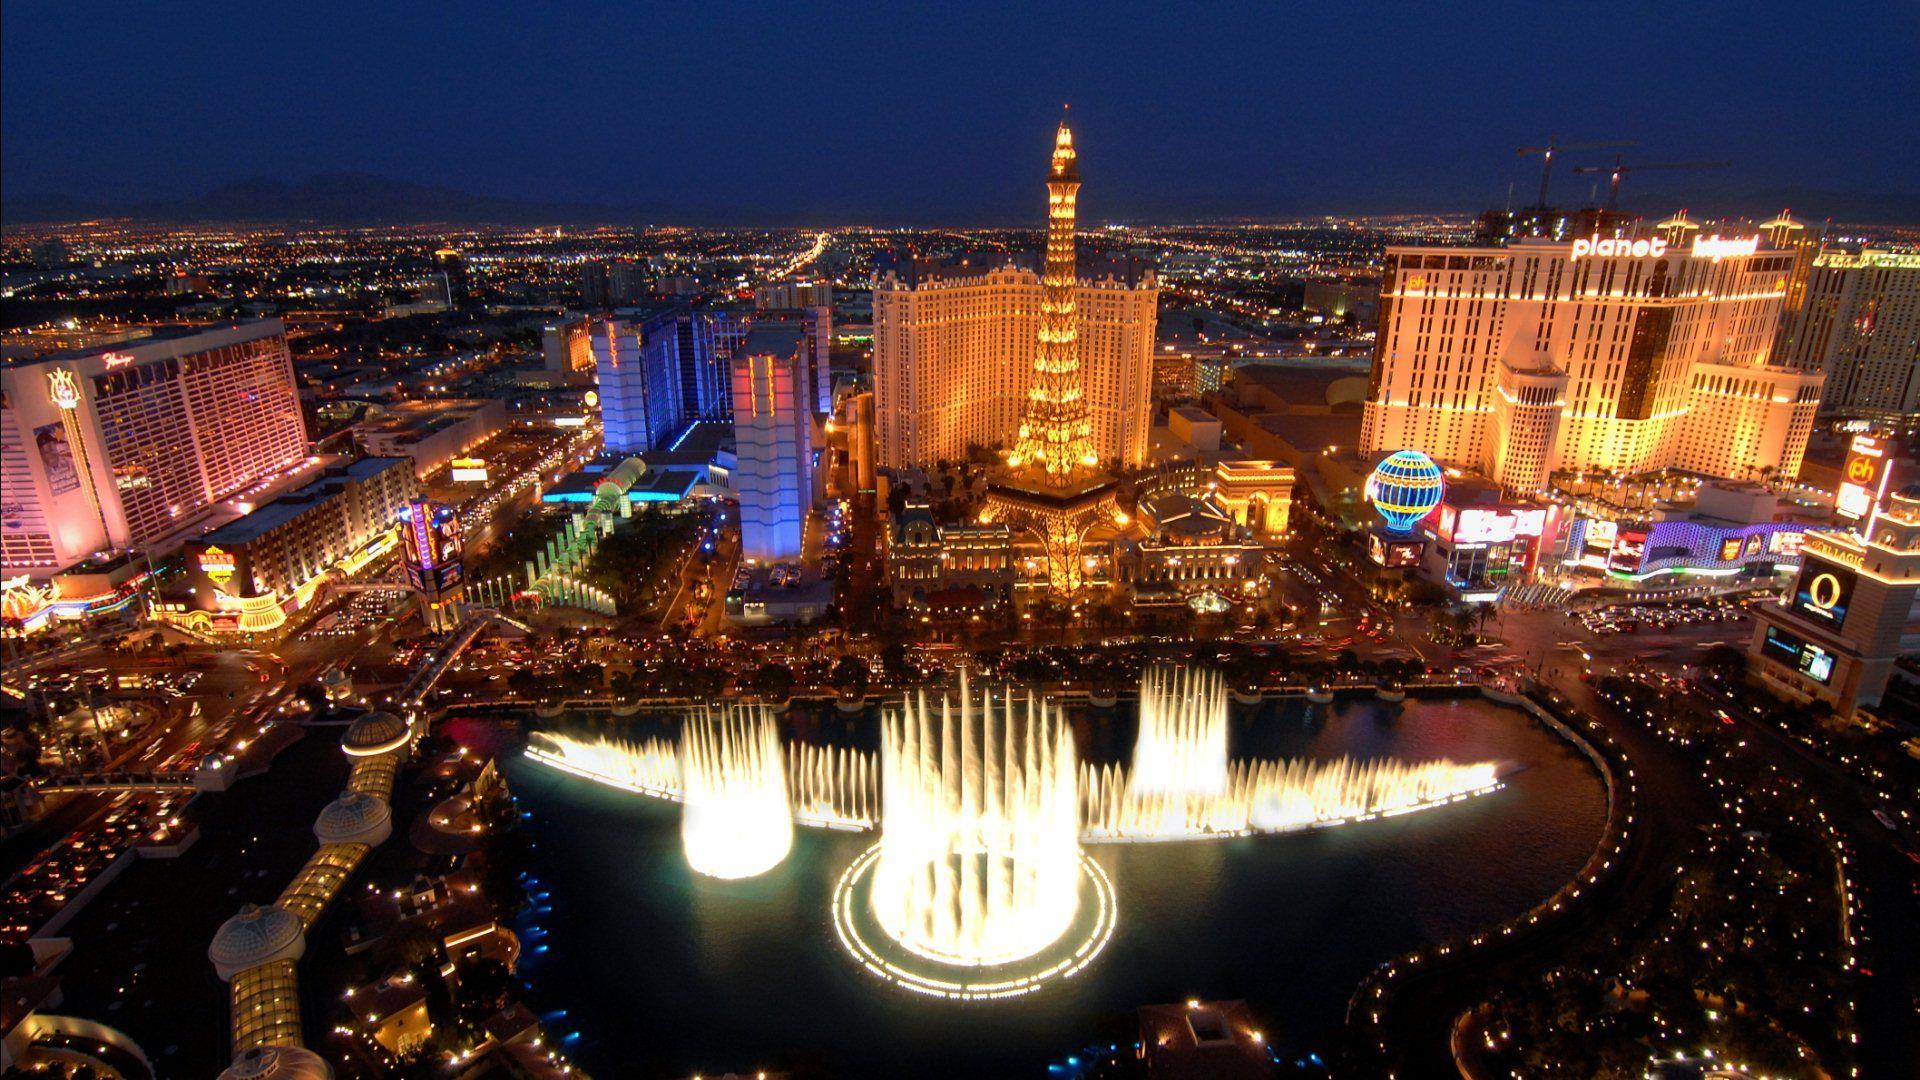 Vegas free hd wallpaper